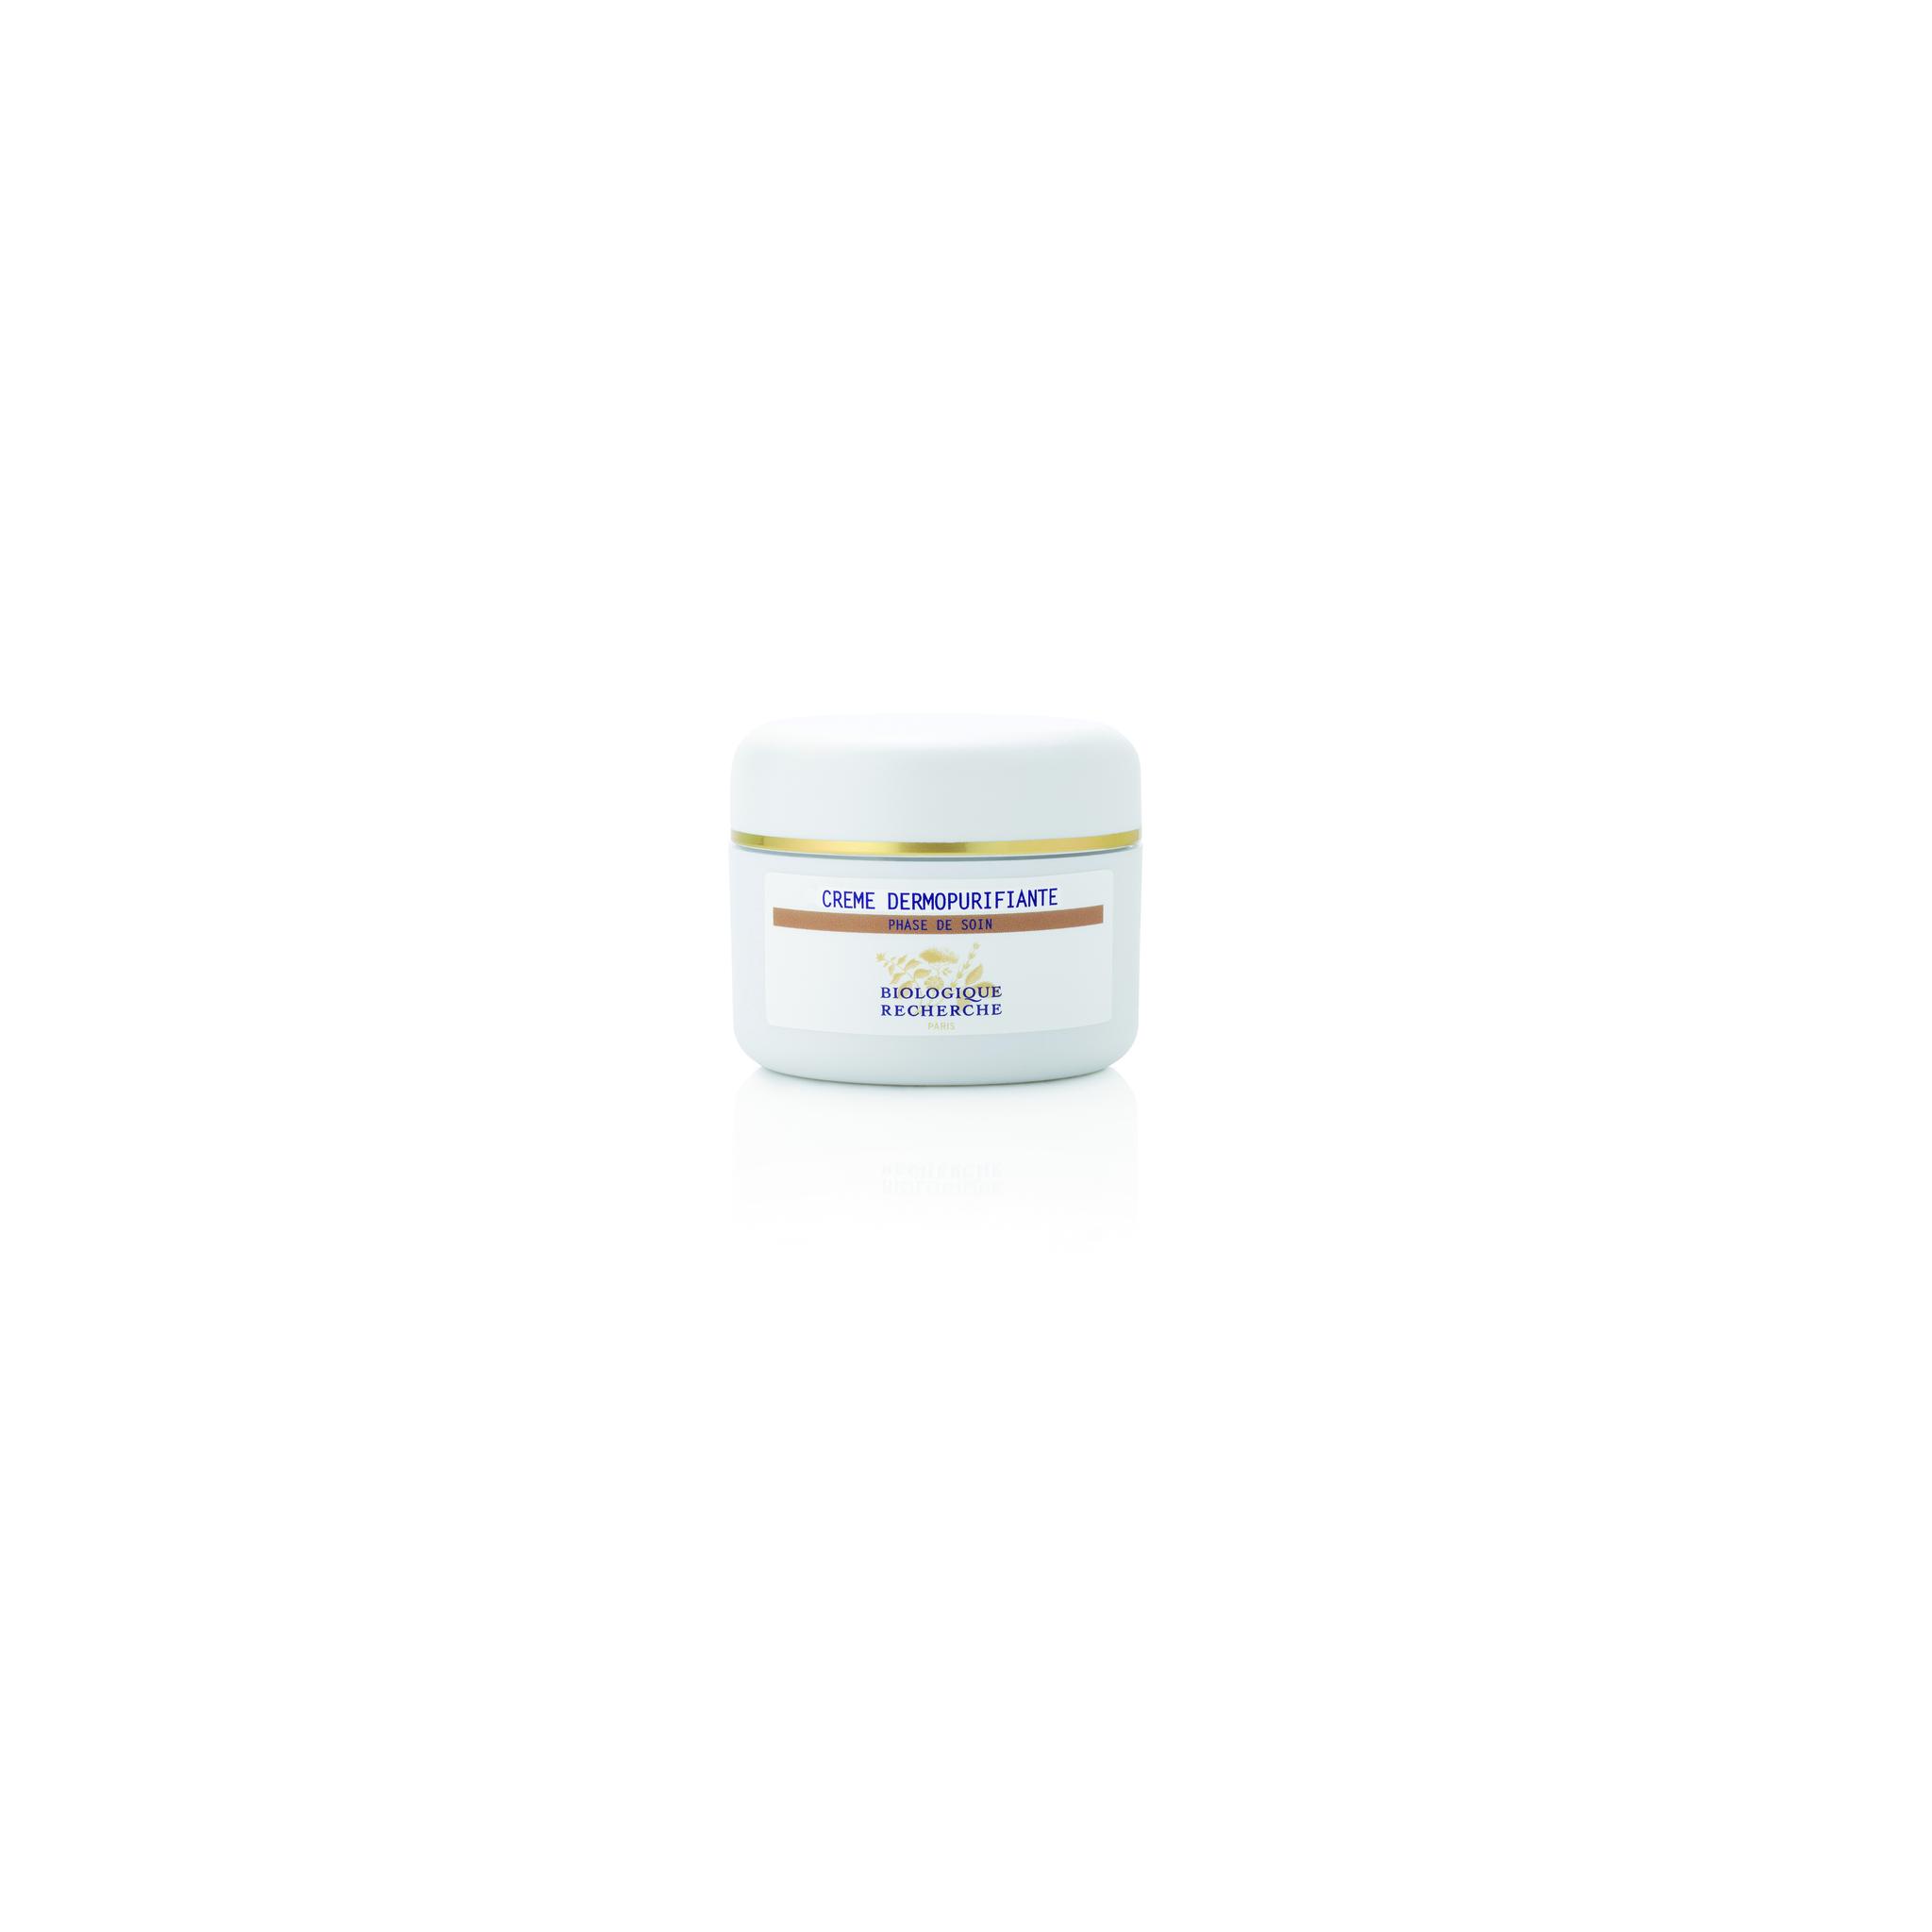 Крем дермоочищающий BIOLOGIQUE RECHERCHE Dermopurifiante 50 мл